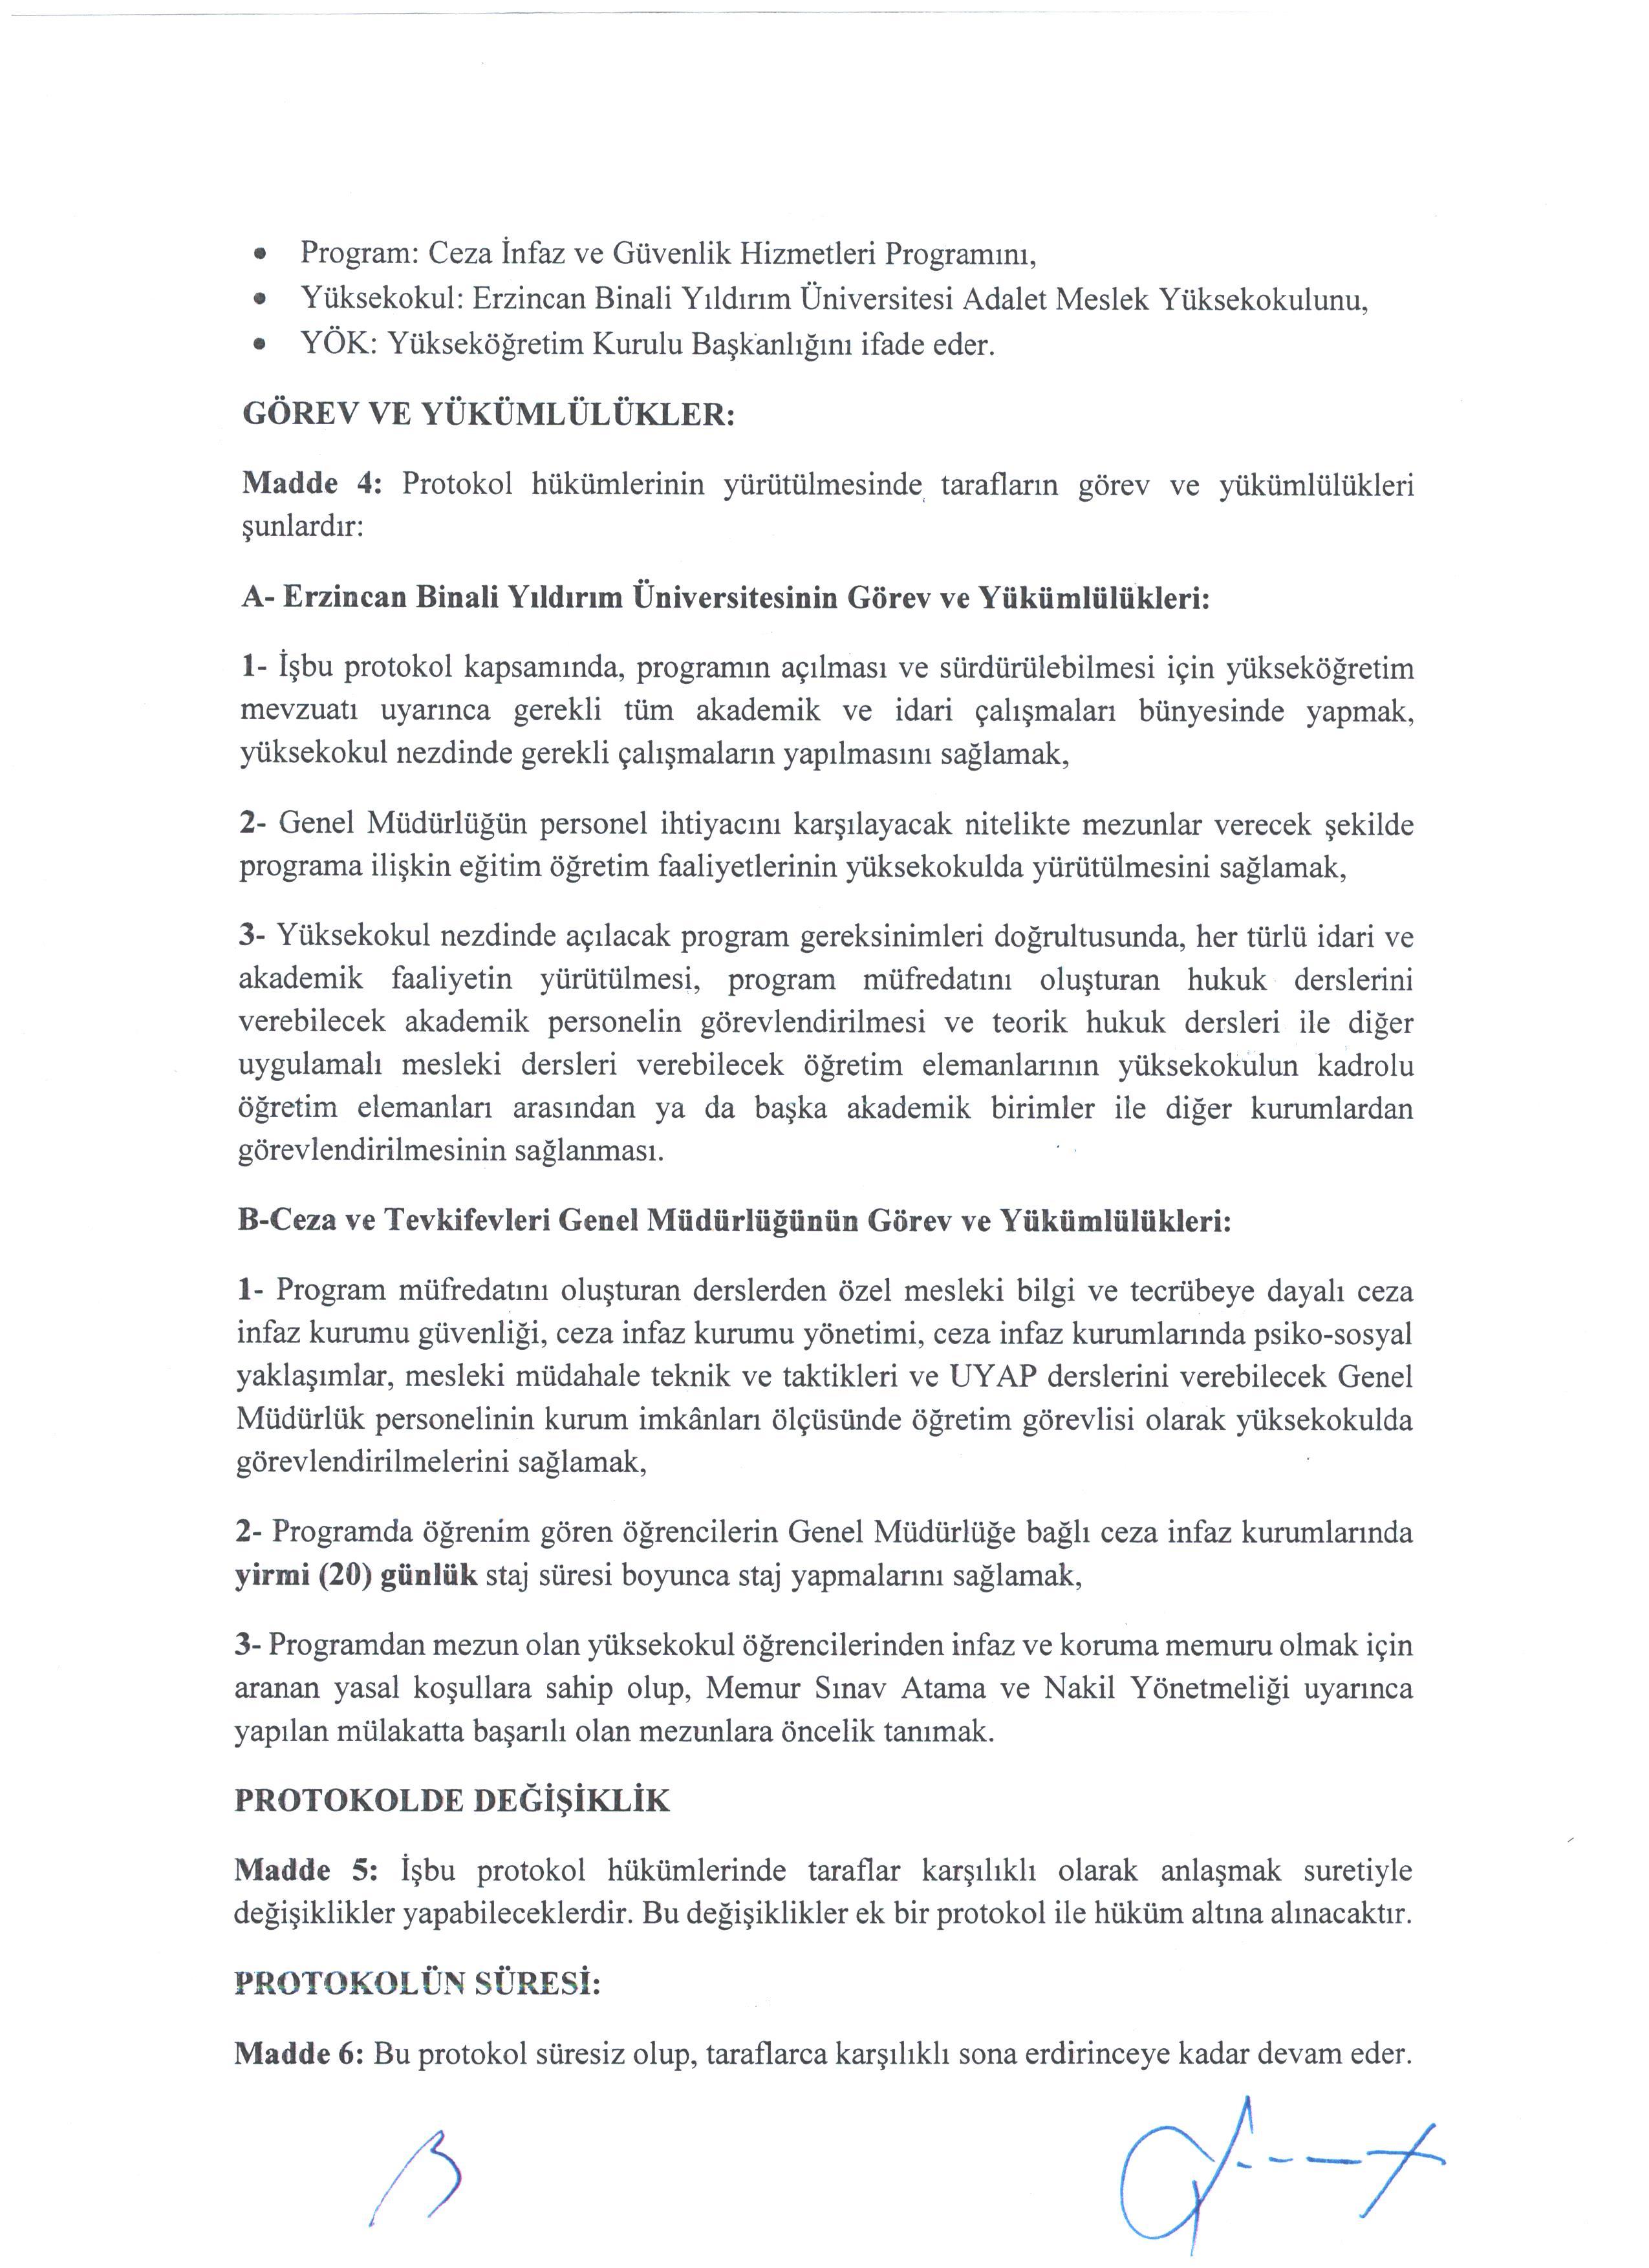 ceza infaz ve guvenlik hizmetleri staj protokolu adalet meslek yuksekokulu